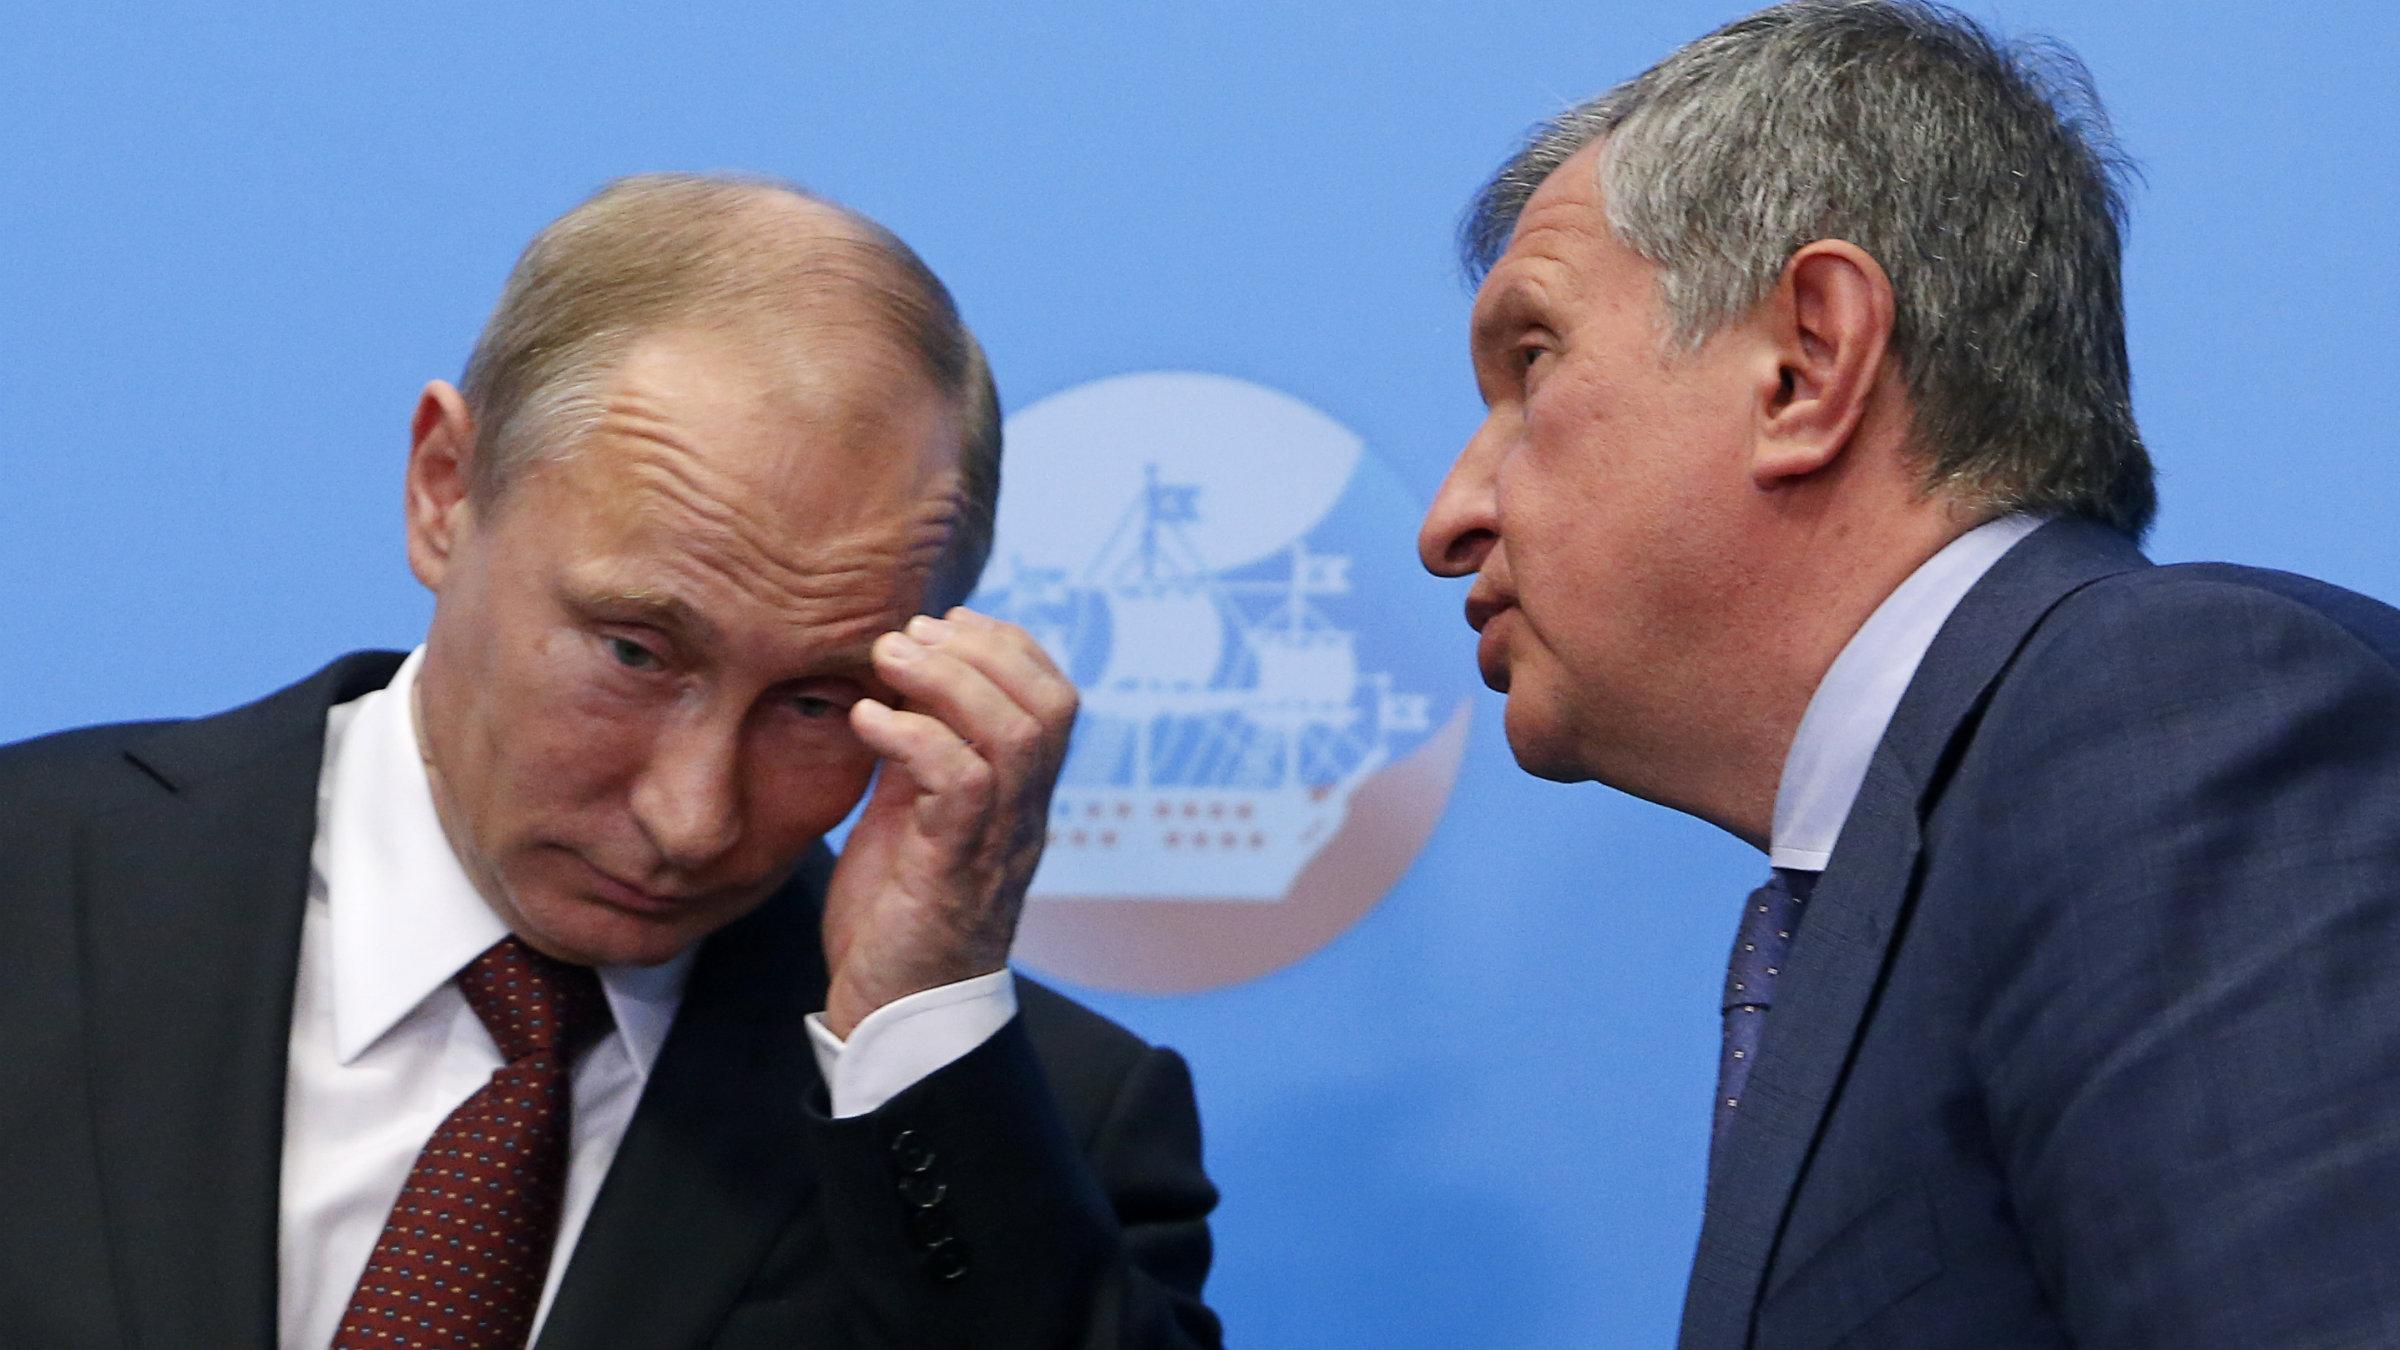 Putin and an oil executive